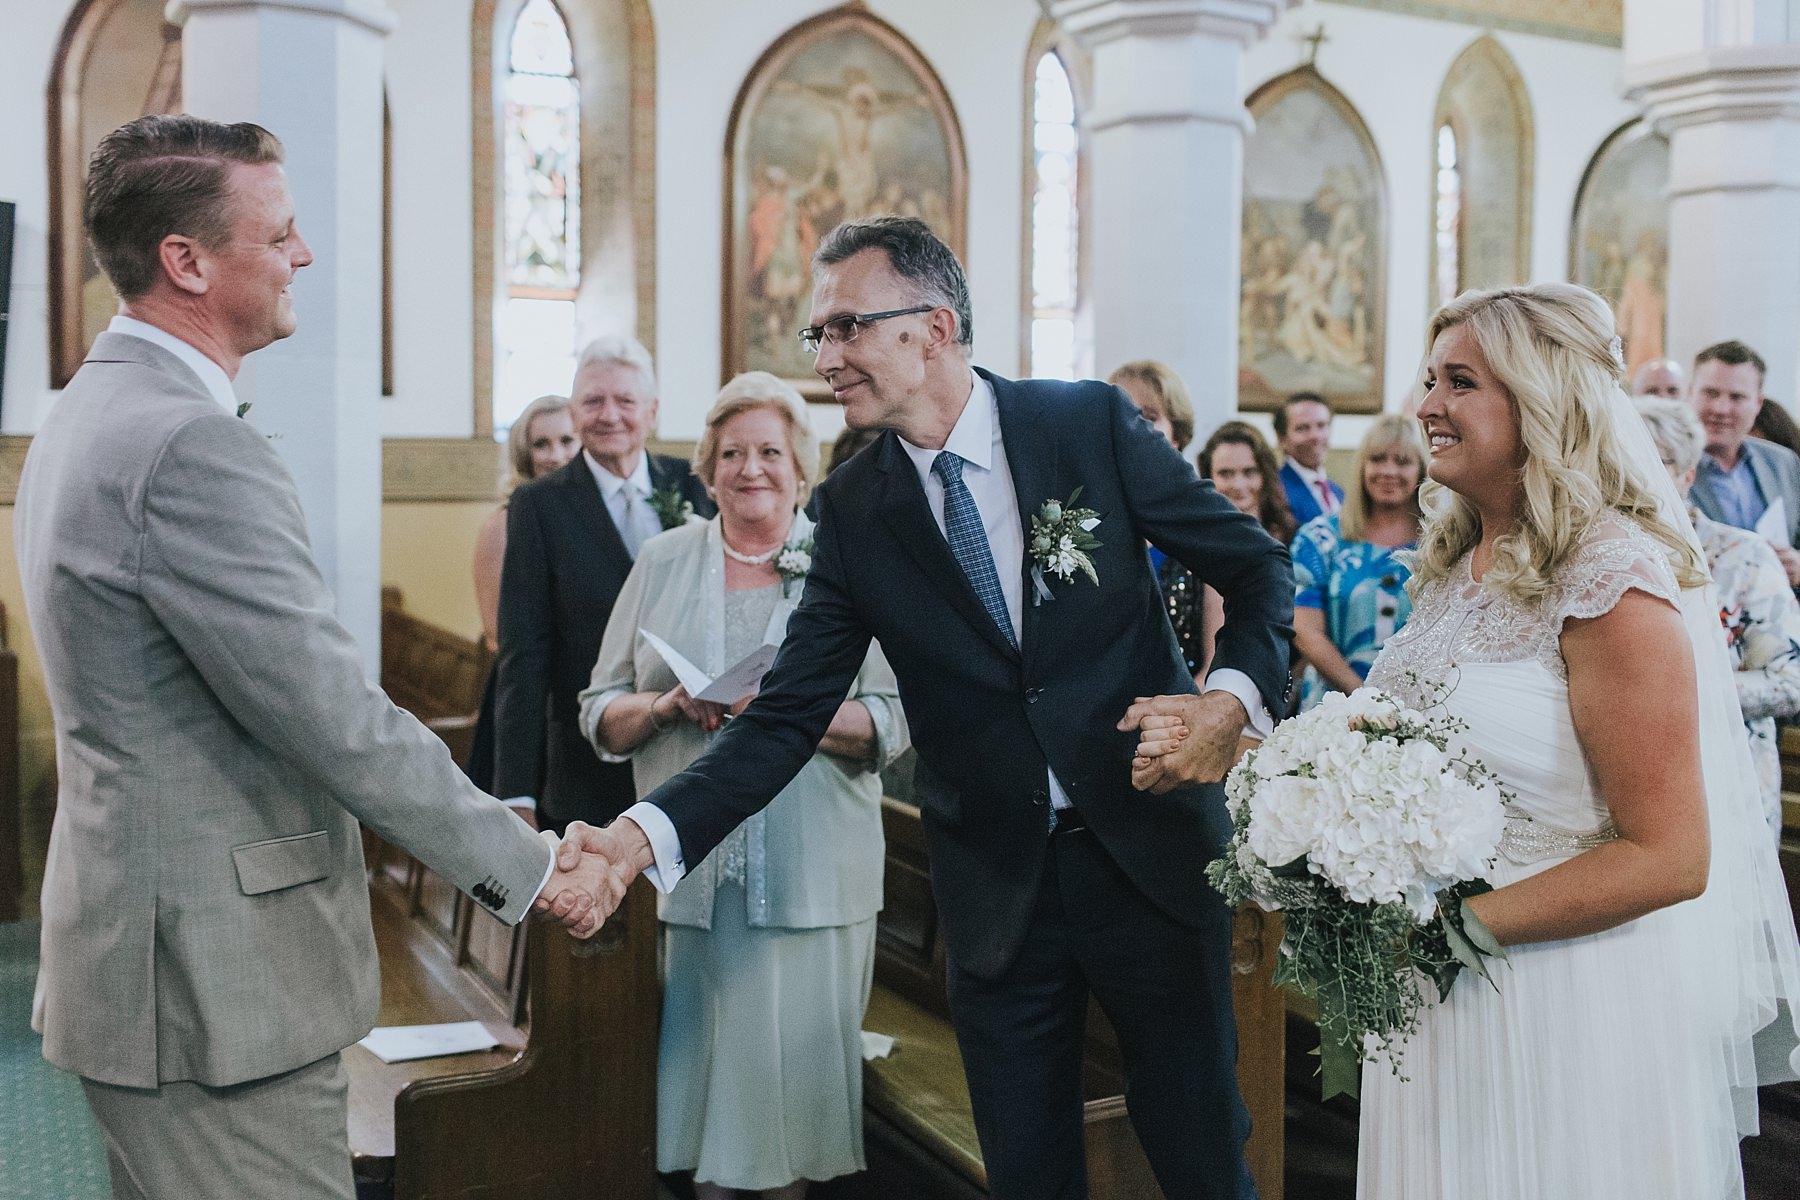 mudgee wedding ceremony photos